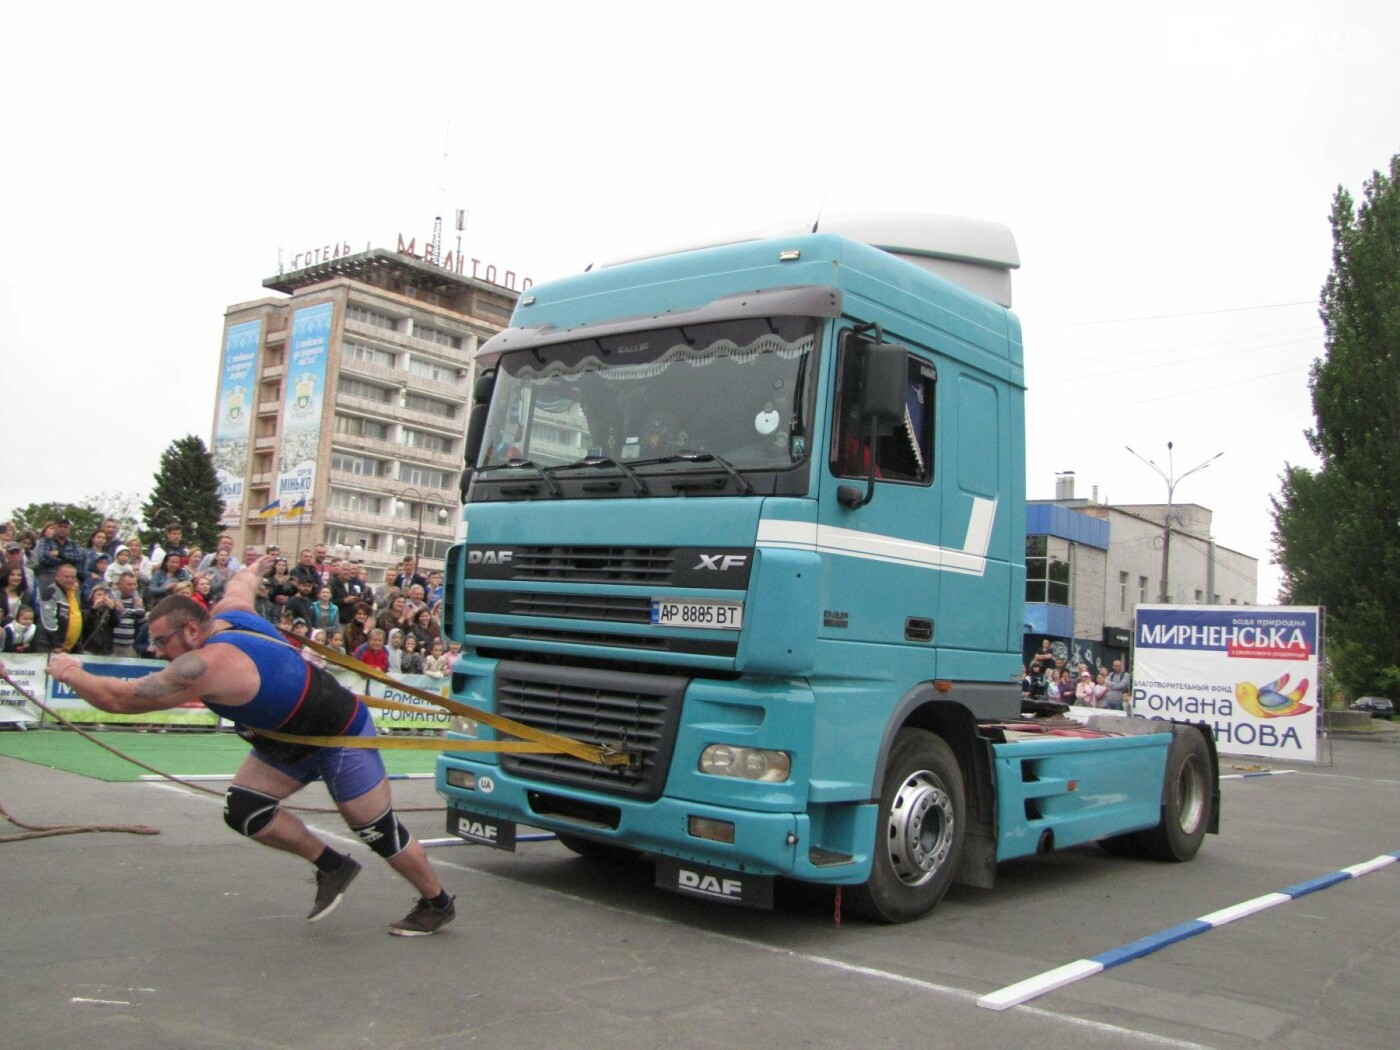 Три победы за неделю: мелитопольский богатырь выиграл второй этап международного чемпионата, фото-7